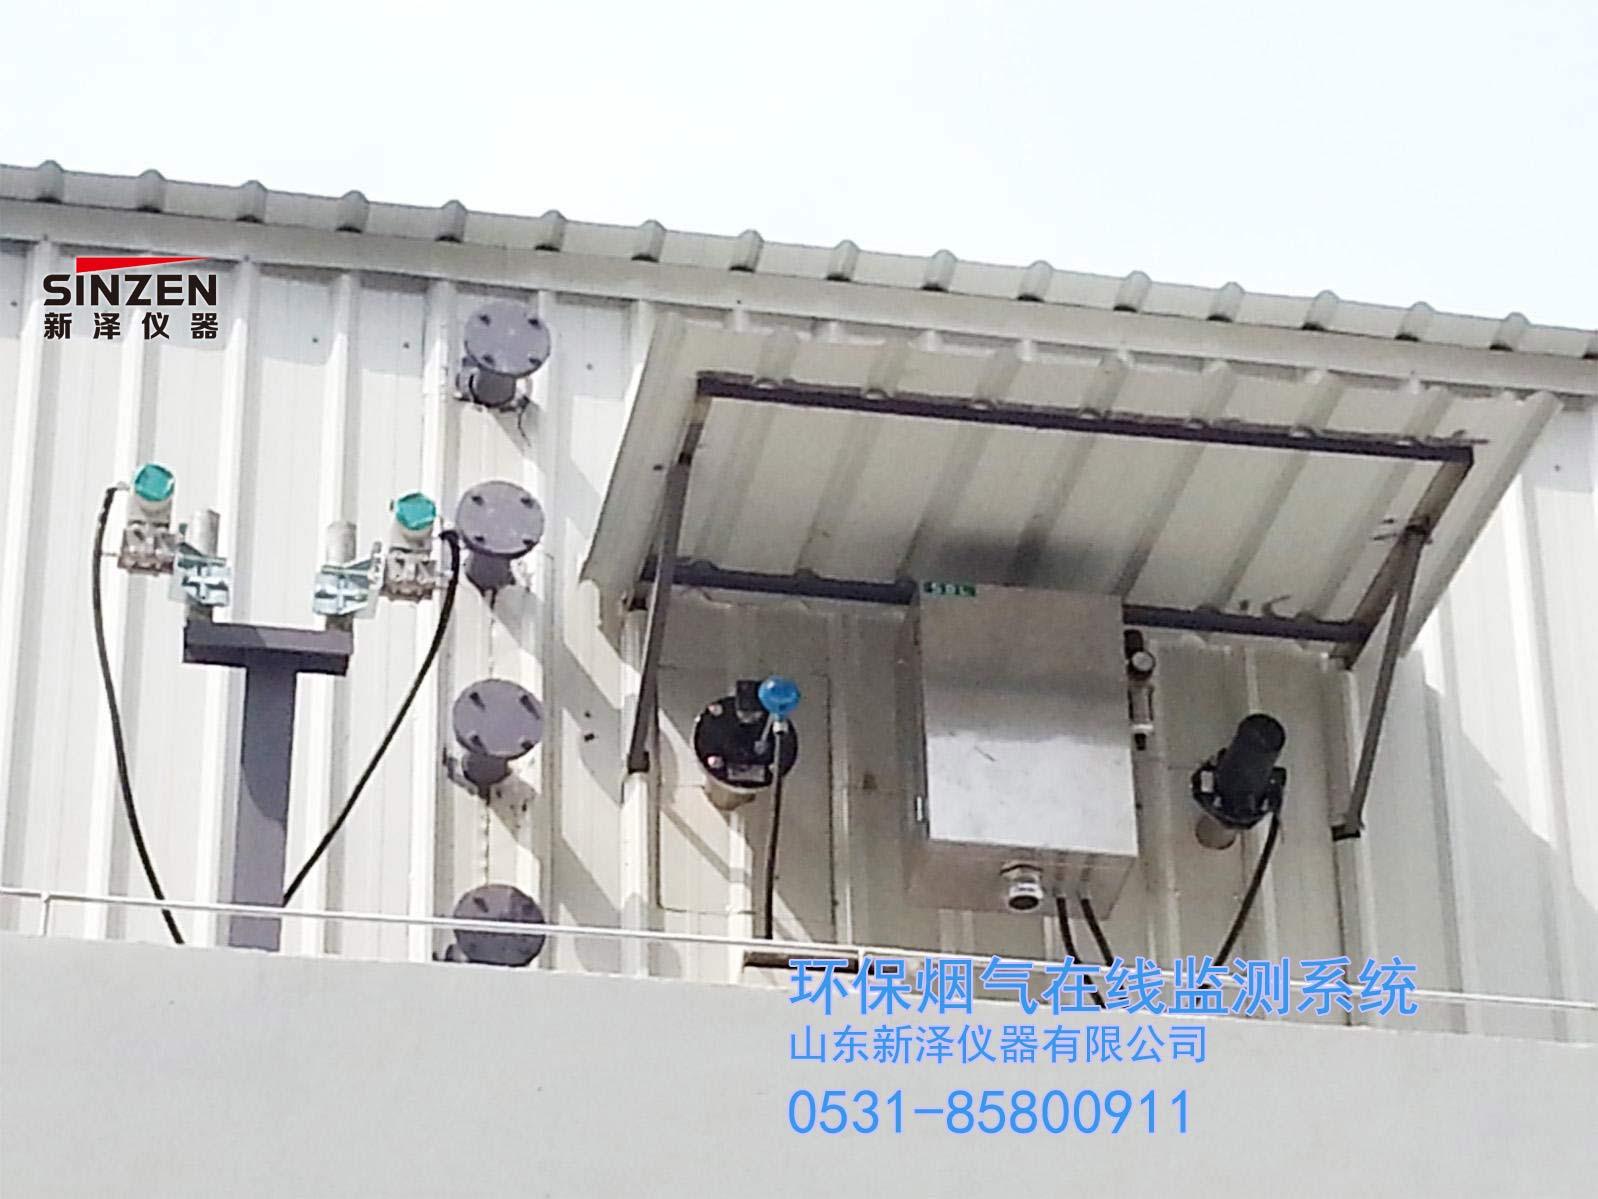 红砖厂烟气分析仪生产厂家